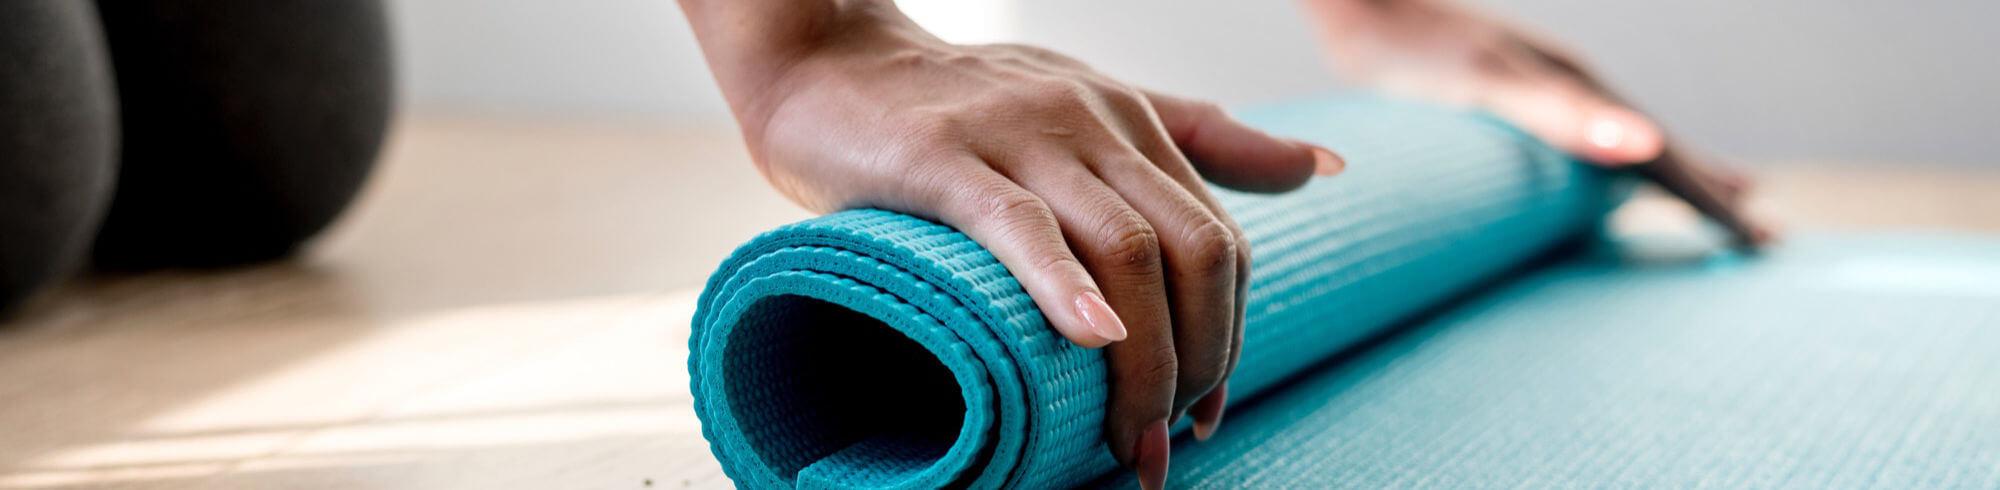 Zwei Händer dunkler Hautfarbe rollen eine türkis-farbende Yogamatte aus.